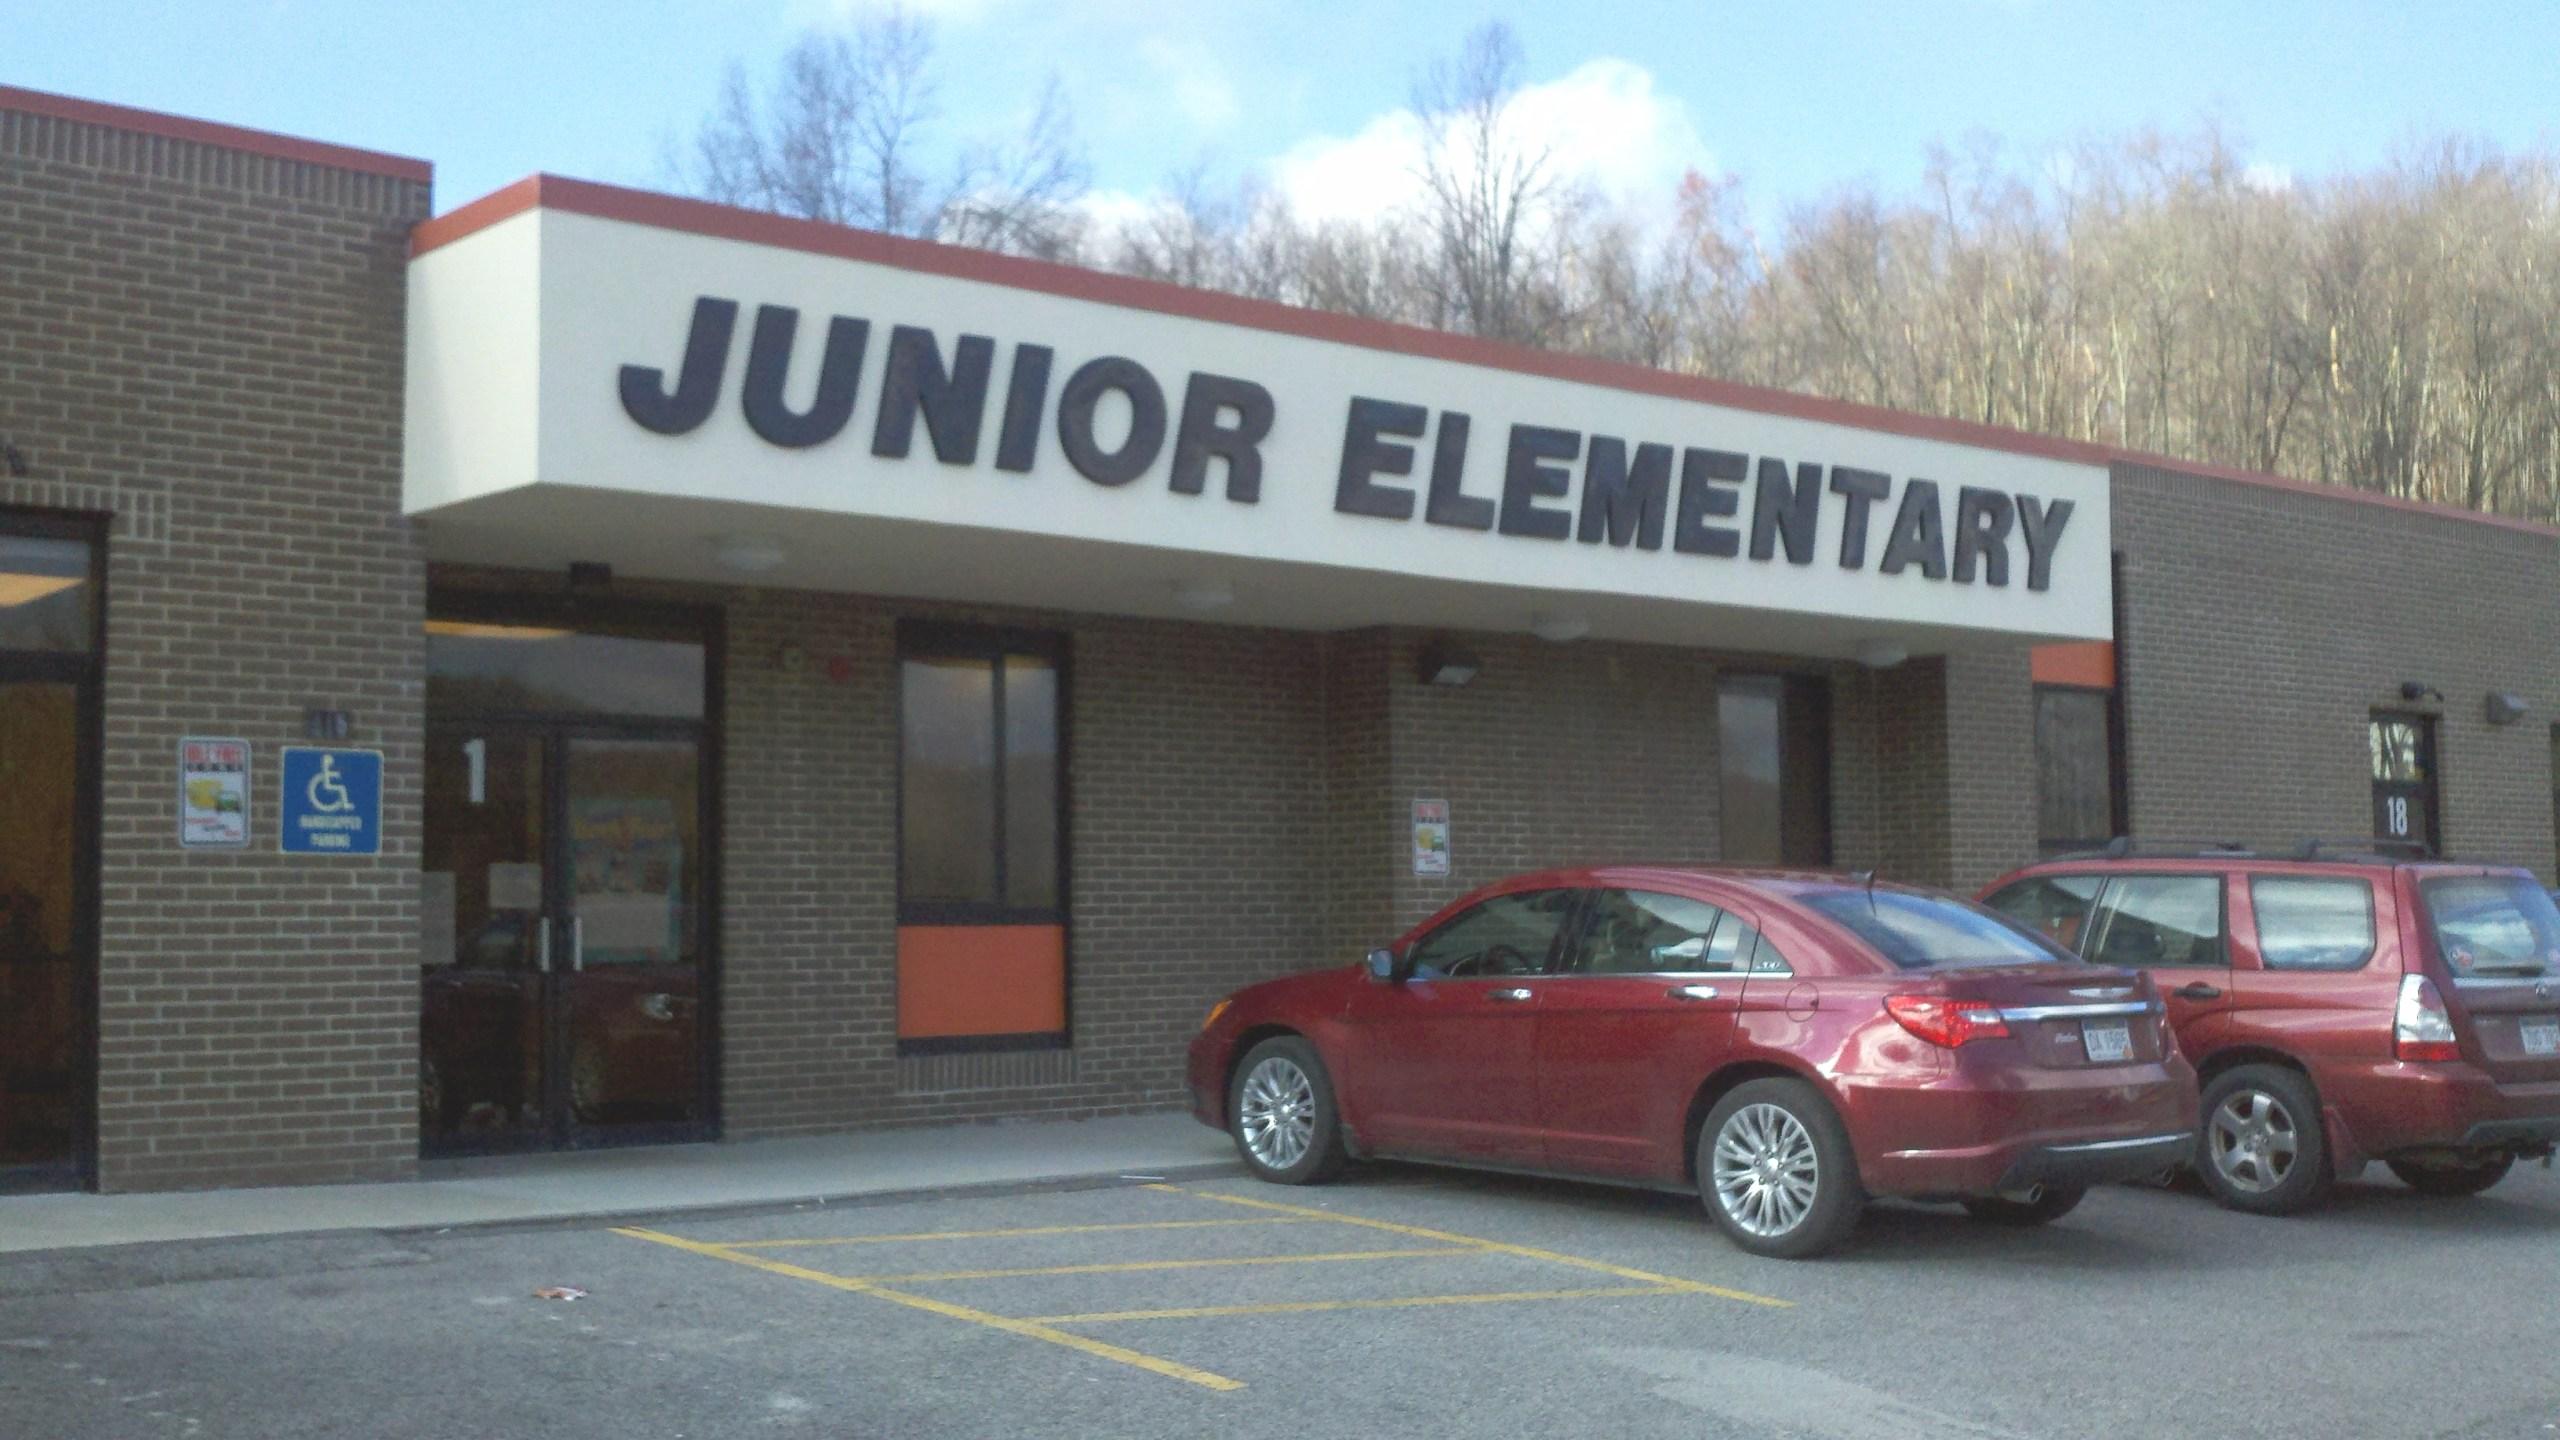 Junior Elementary_1558548467605.jpg.jpg